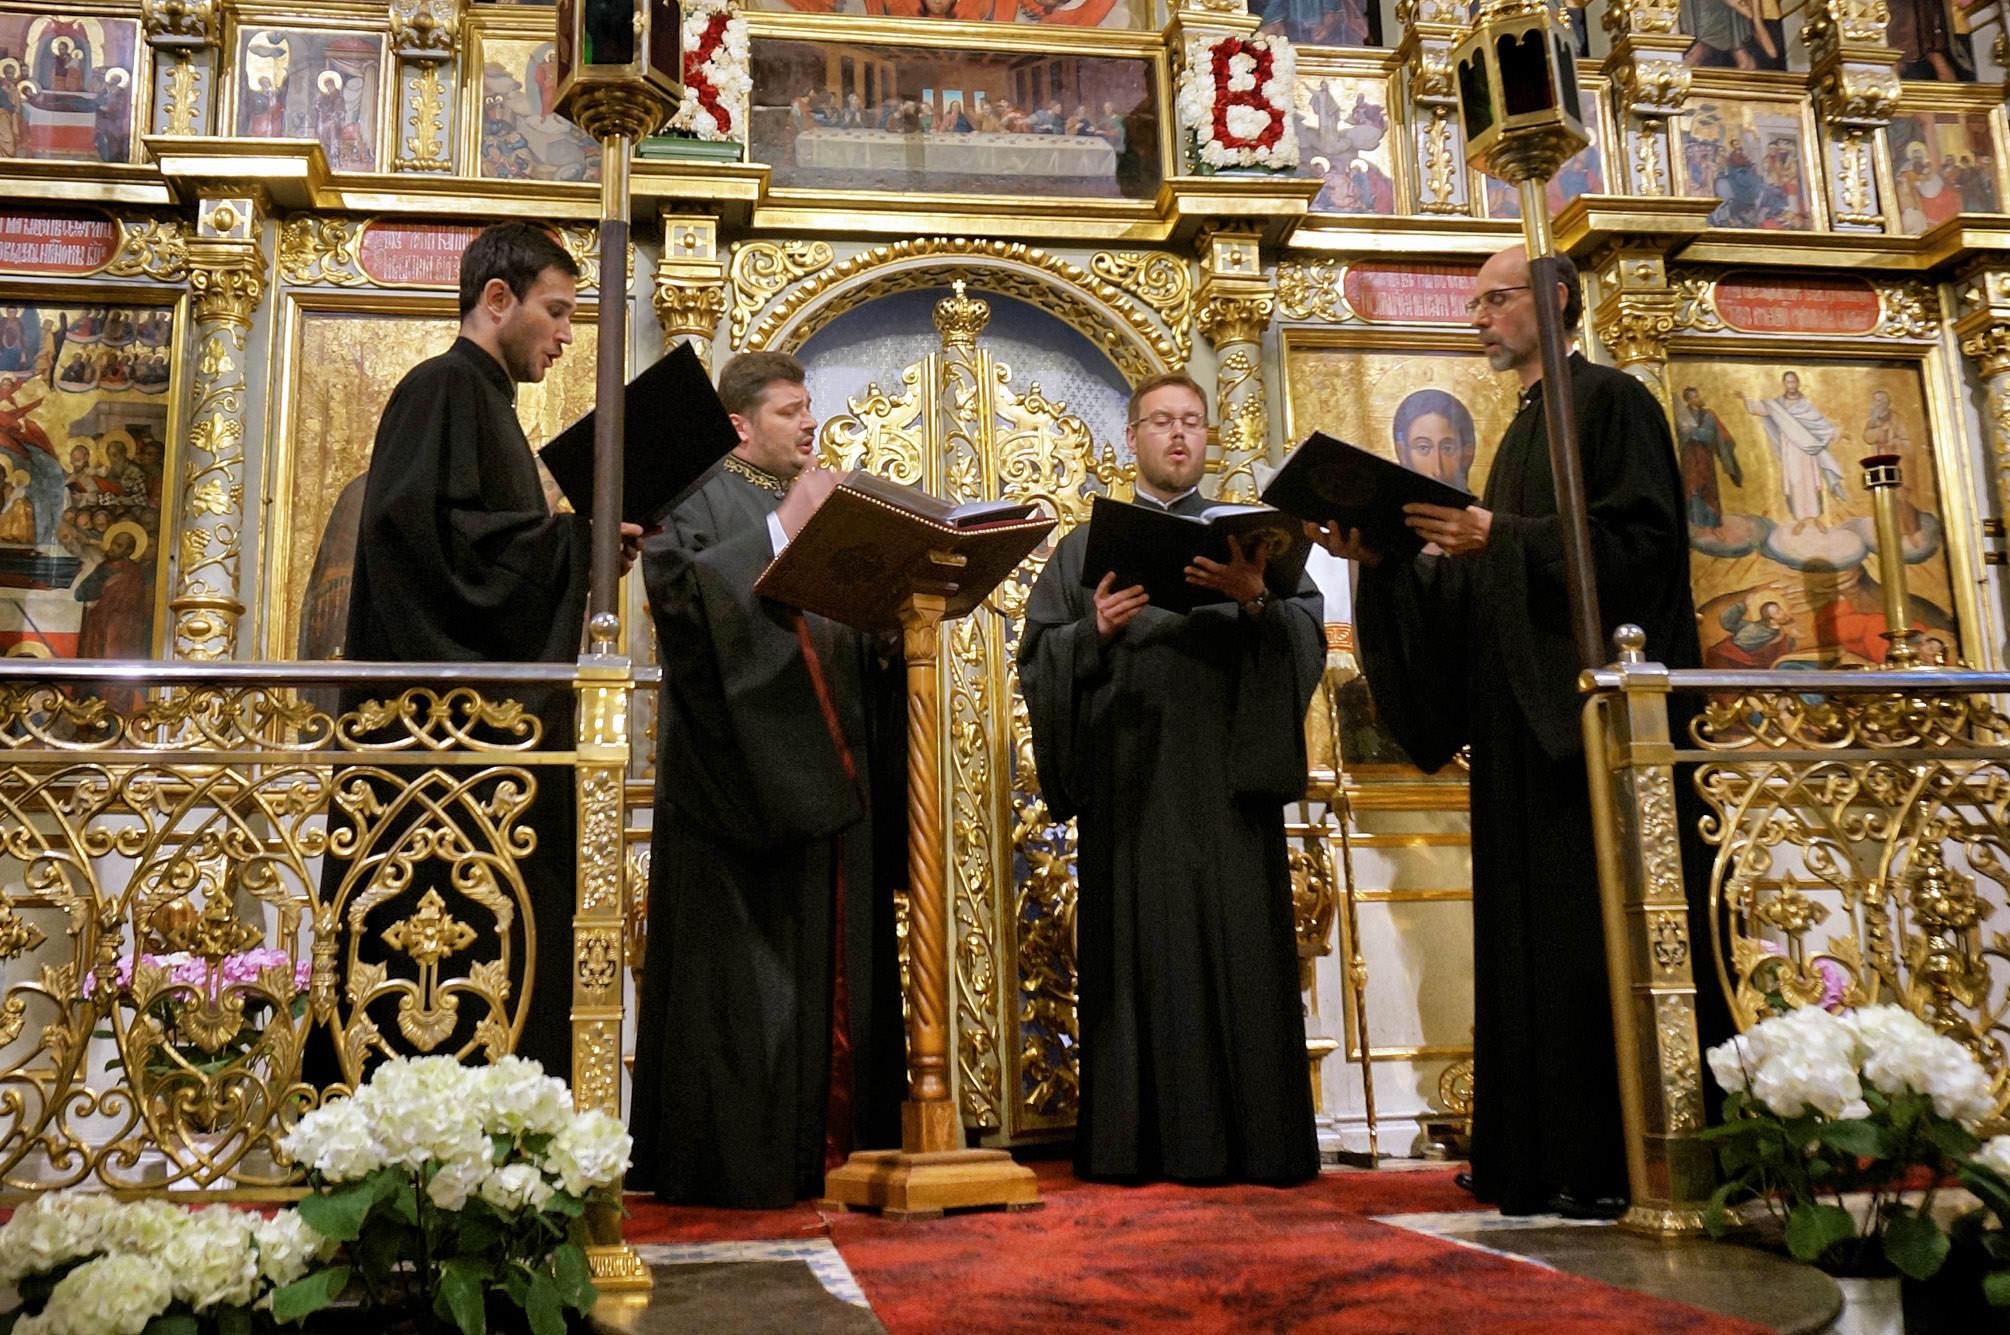 Koncert w lubelskiej katedrze Męskiego Chóru Kameralnego im. Bogdana Onisimowicza